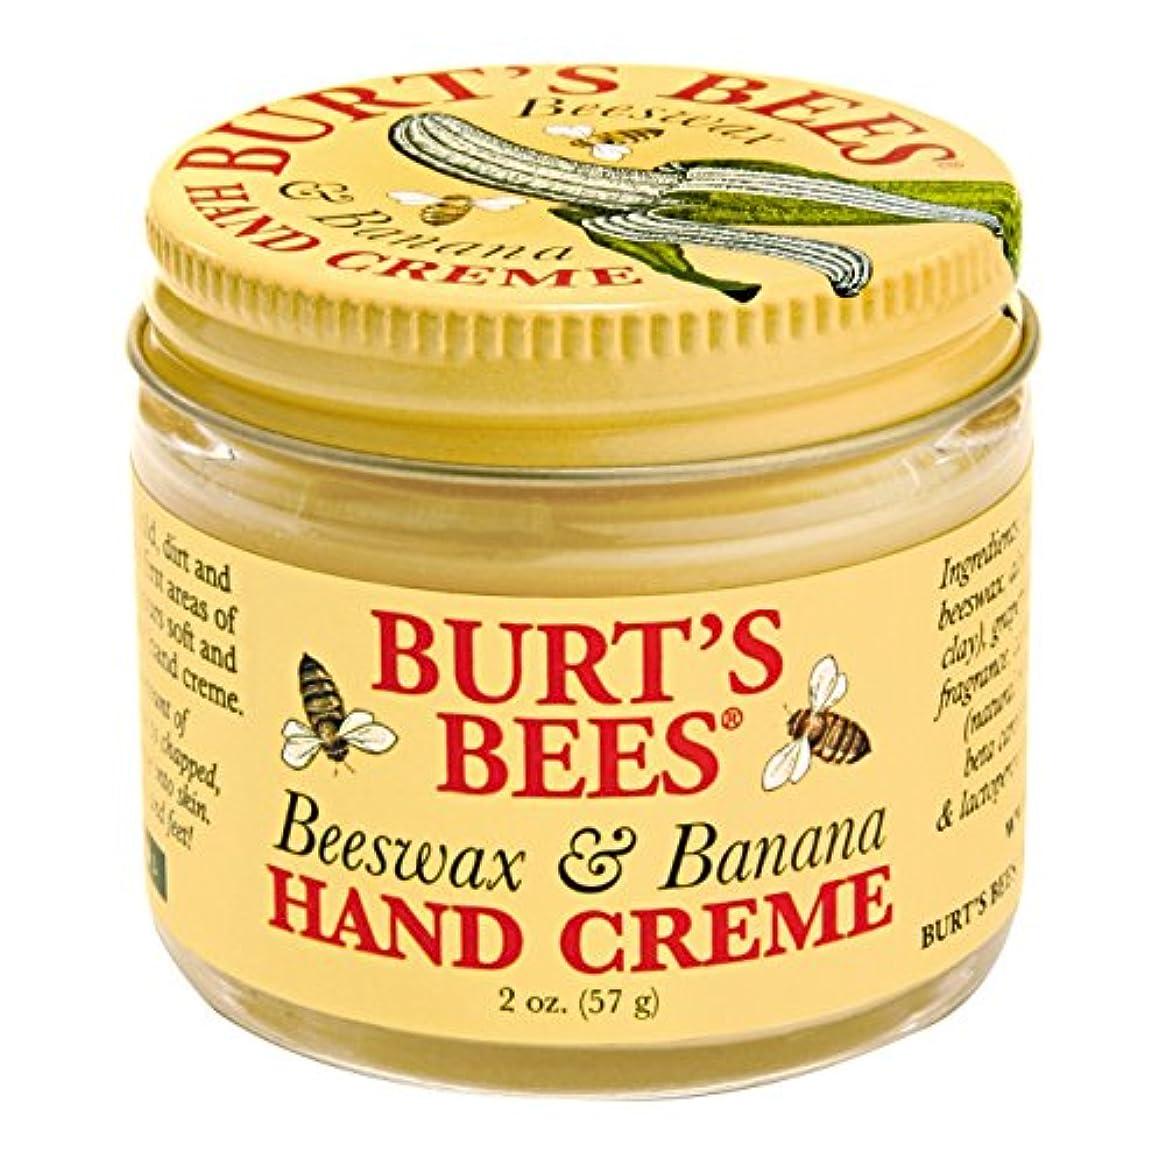 若い細断手のひらバーツビーの蜜蝋&バナナハンドクリーム57グラム (Burt's Bees) - Burt's Bees Beeswax & Banana Hand Creme 57g [並行輸入品]